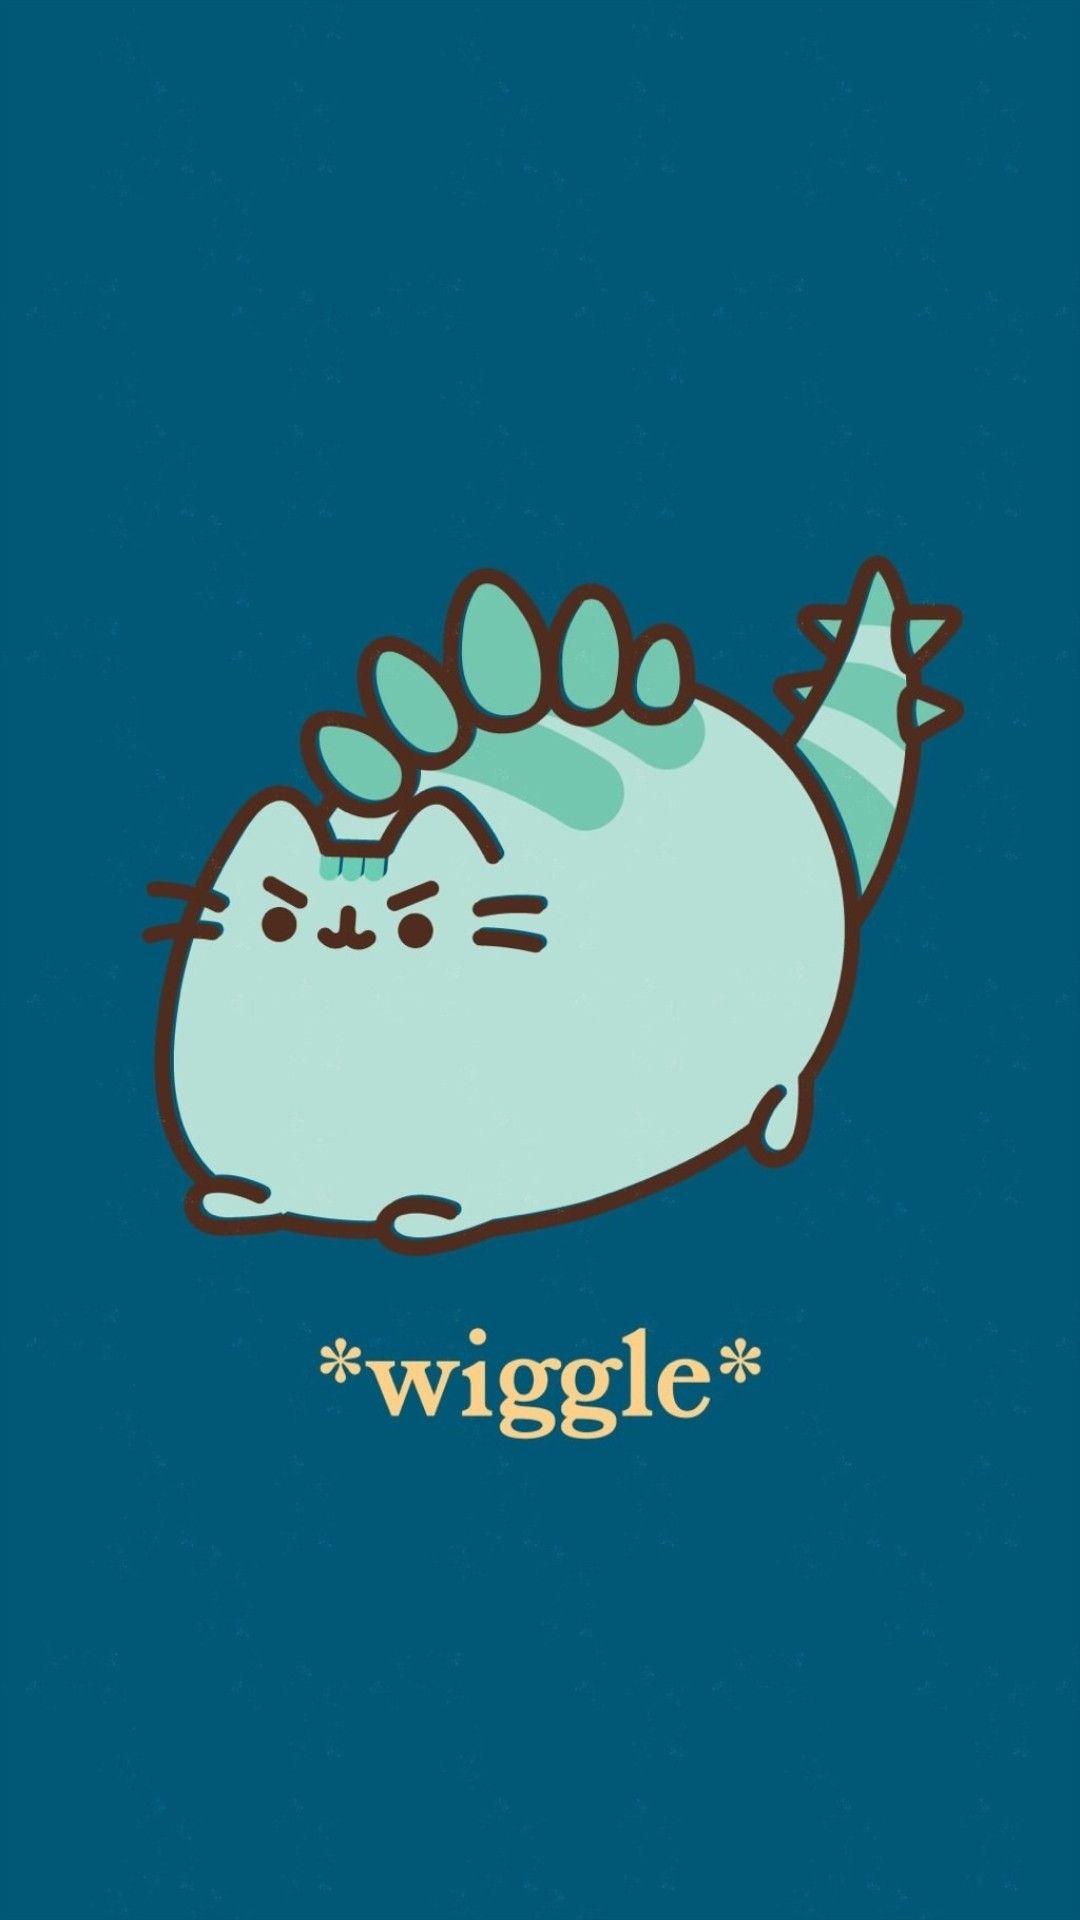 Pin by yy on Wllpprs Dinosaur pusheen, Pusheen cute